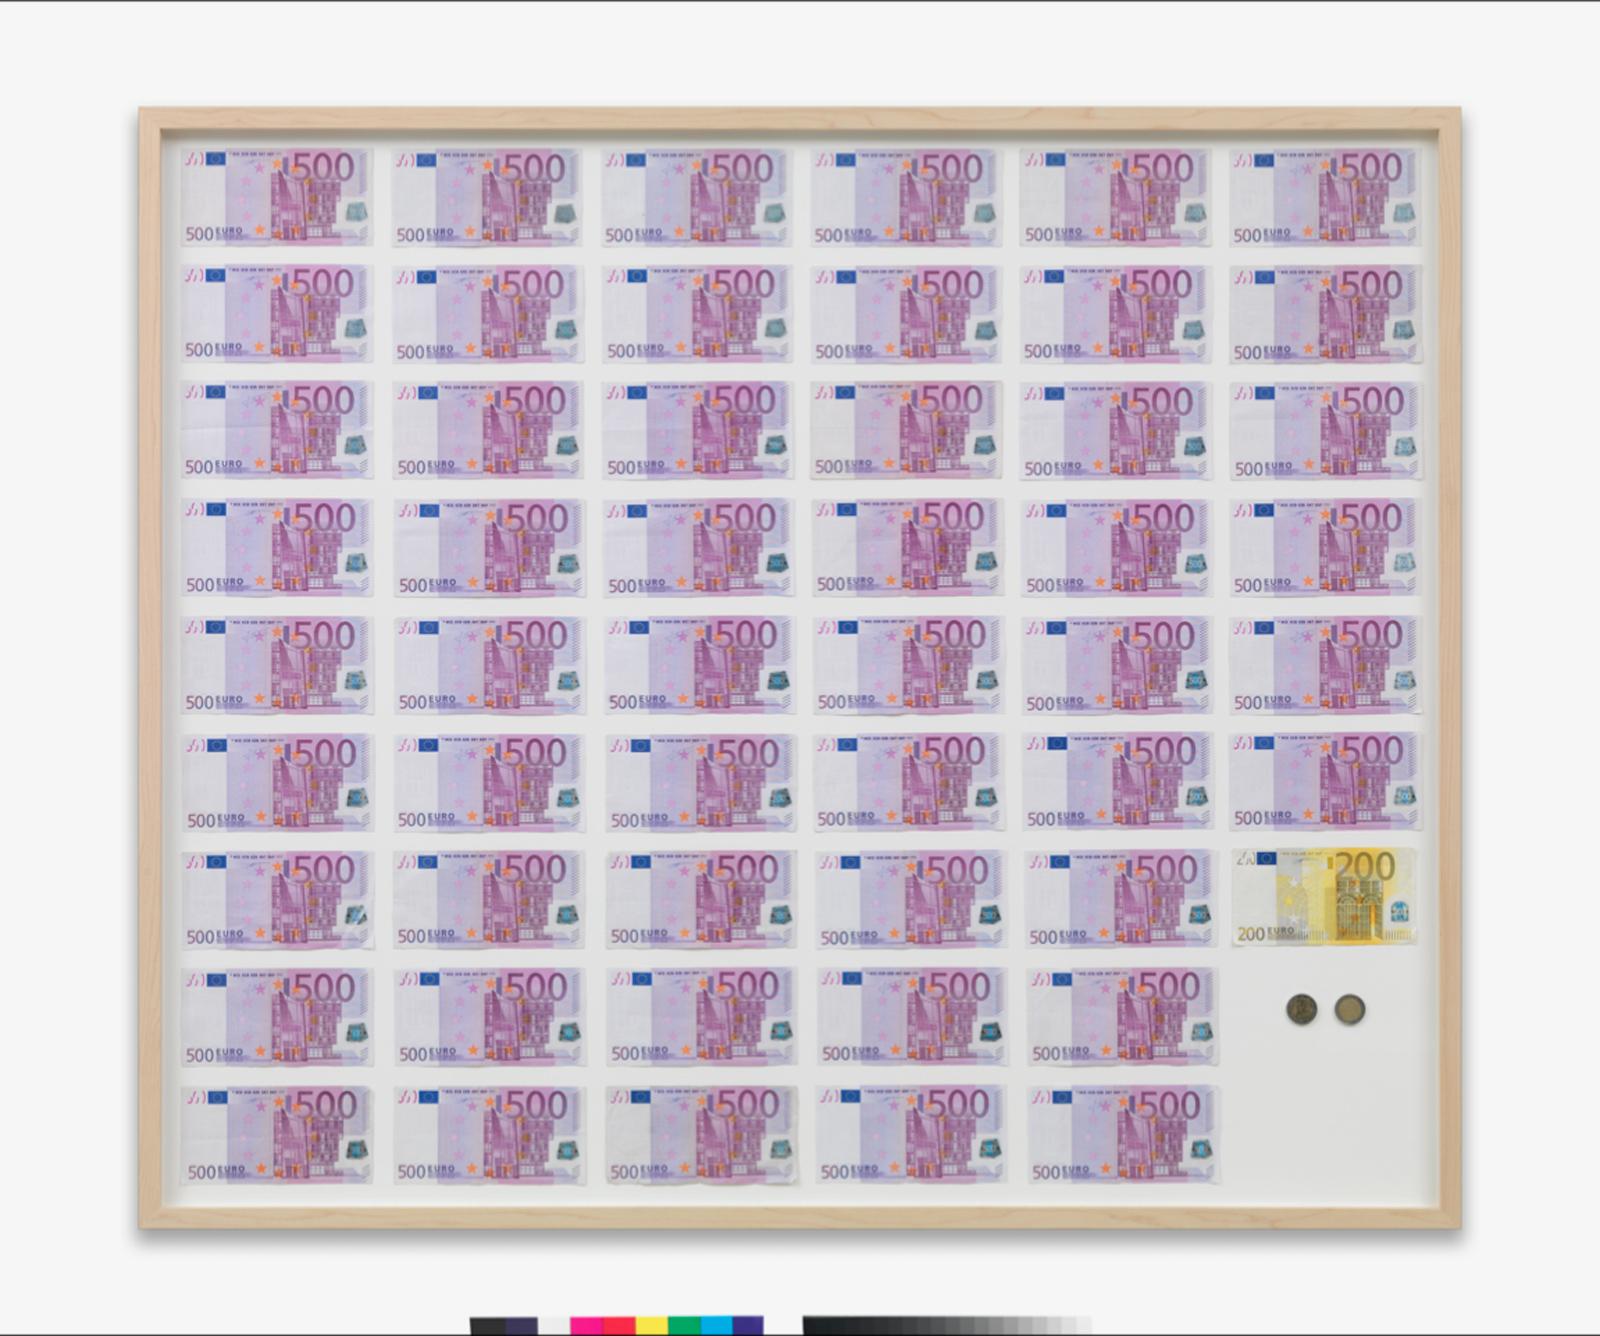 Novas obras deveriam ser versões atualizadas de trabalhos feitos em 2007 e 2010; na foto, o quadro 'Salário médio anual de um austríaco', de 2007